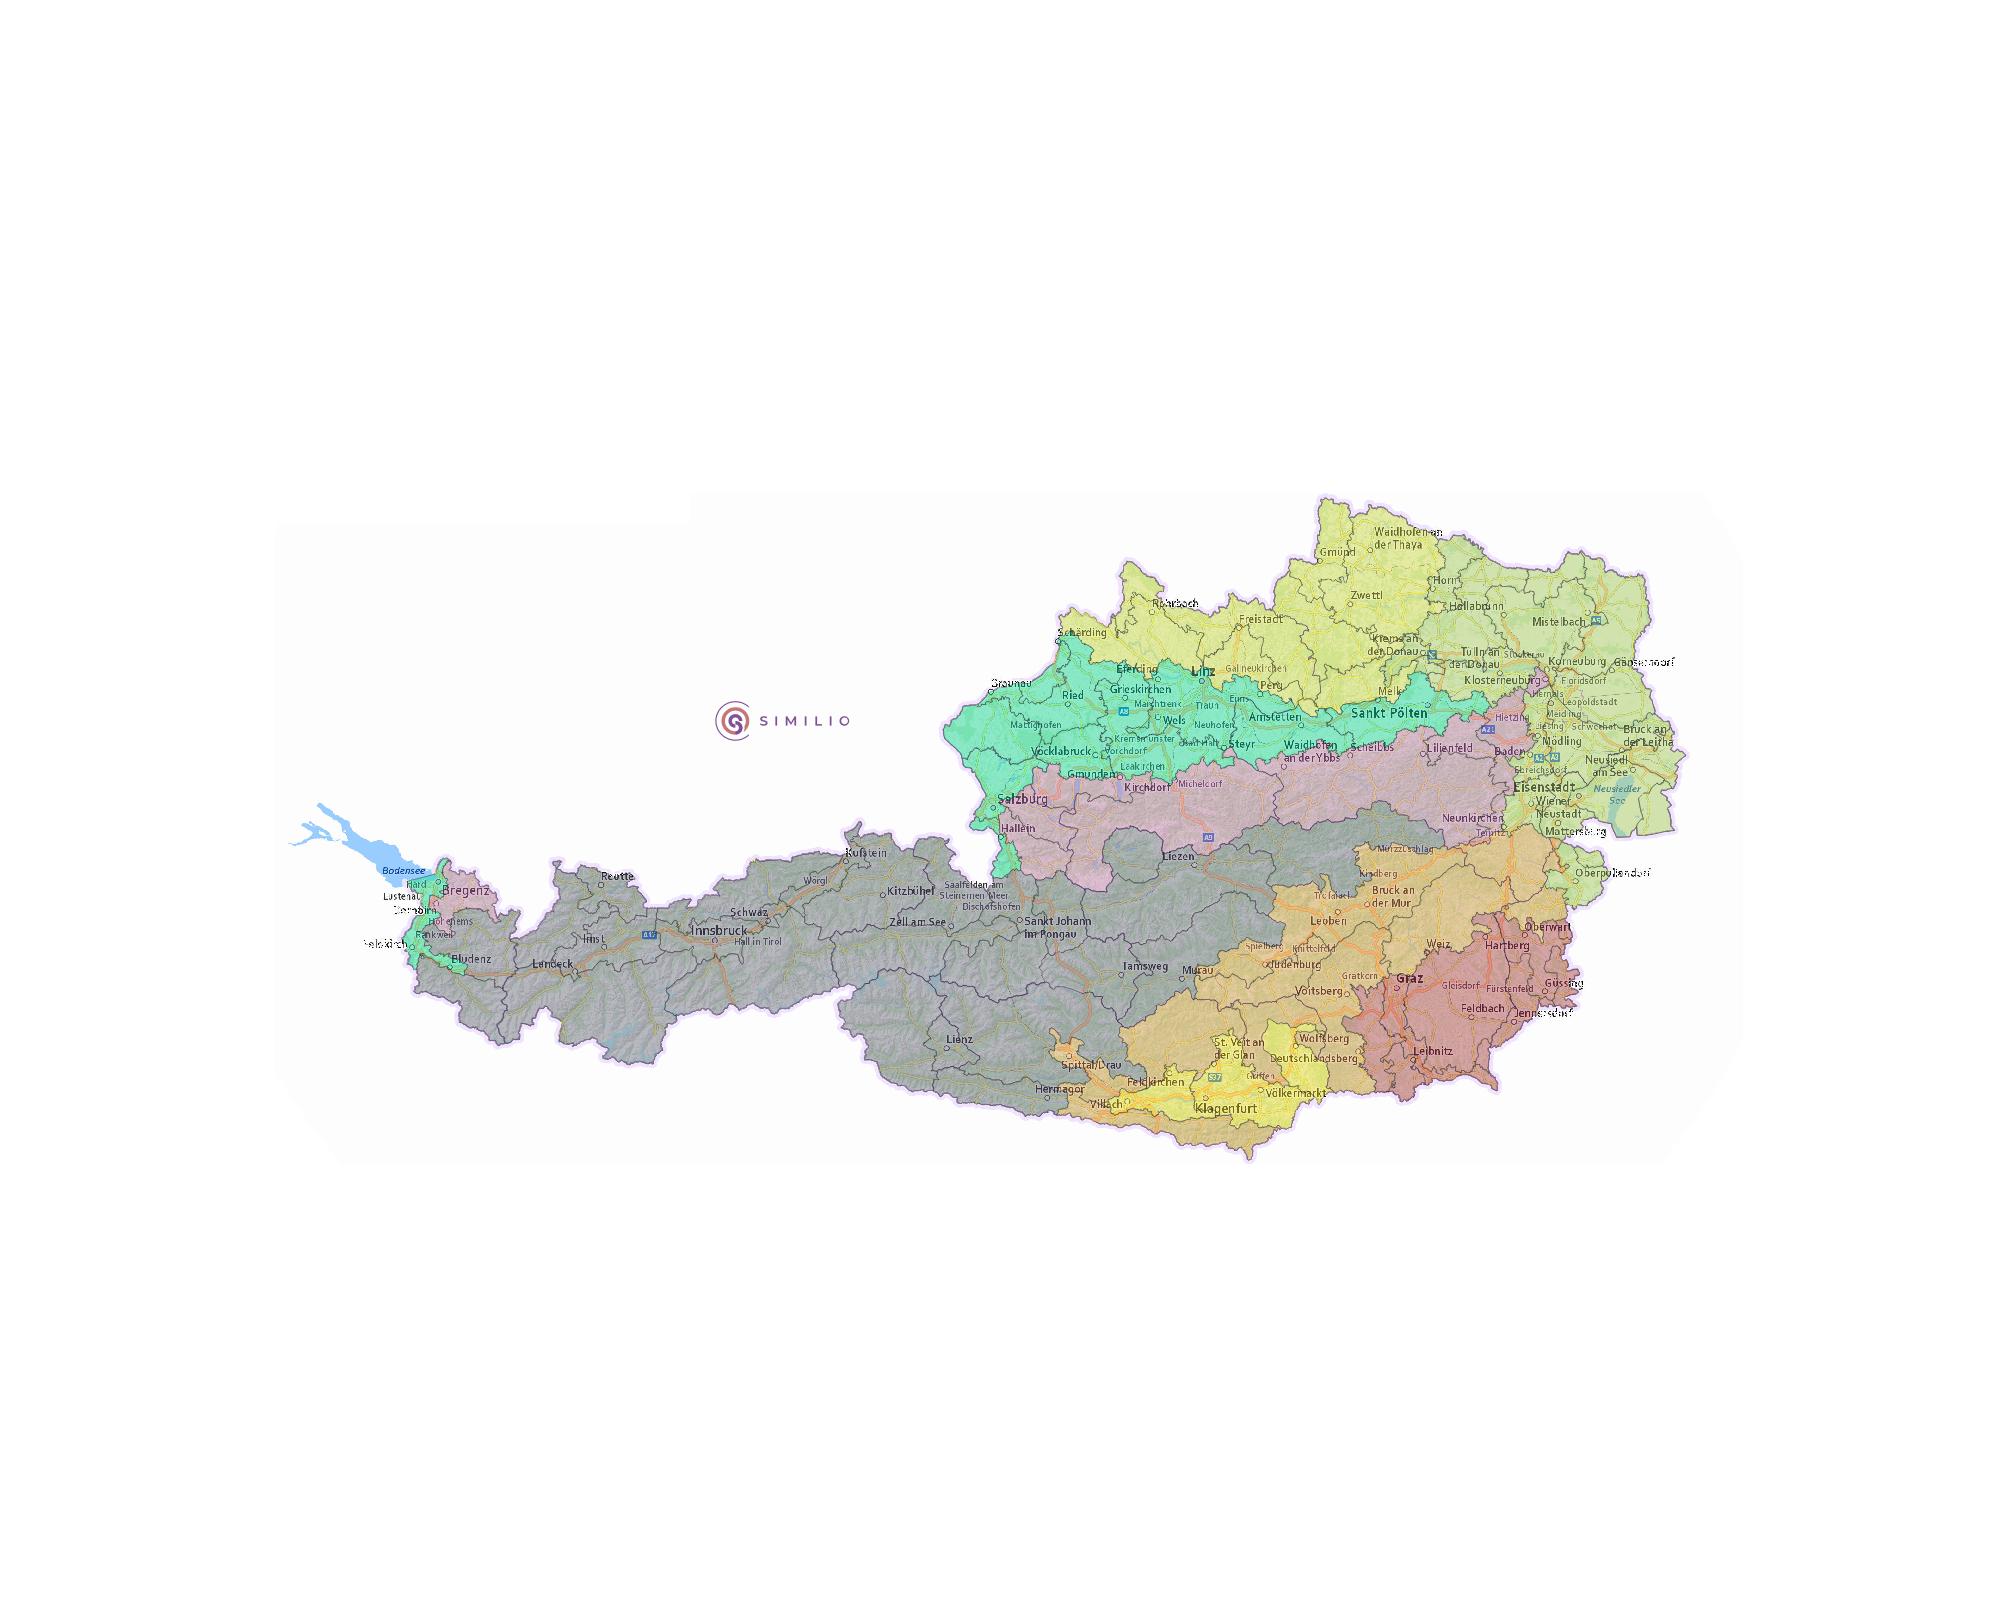 Osterreich Nach Grosslandschaften Topographien In 2020 Osterreich Mostviertel Alpen